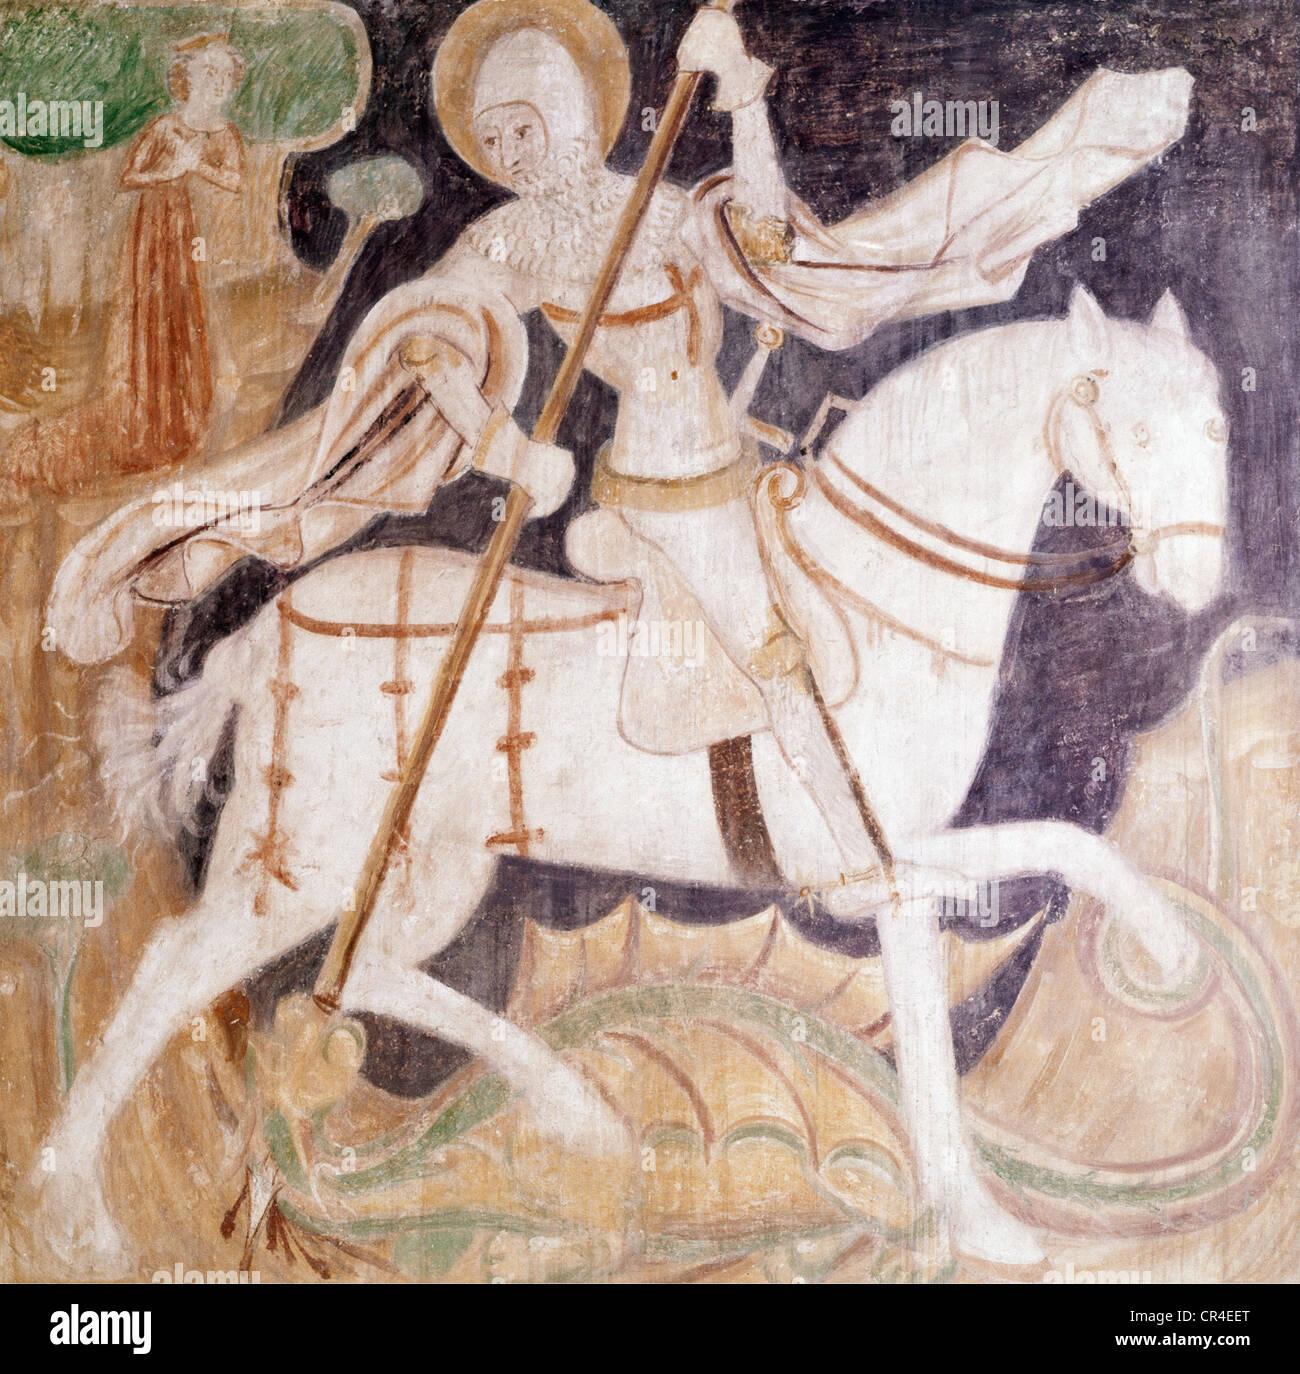 George, Saint, circa 303 +, martyr, saint Helper, plafond peinture, anonyme, se battre avec le dragon, lutte, Photo Stock